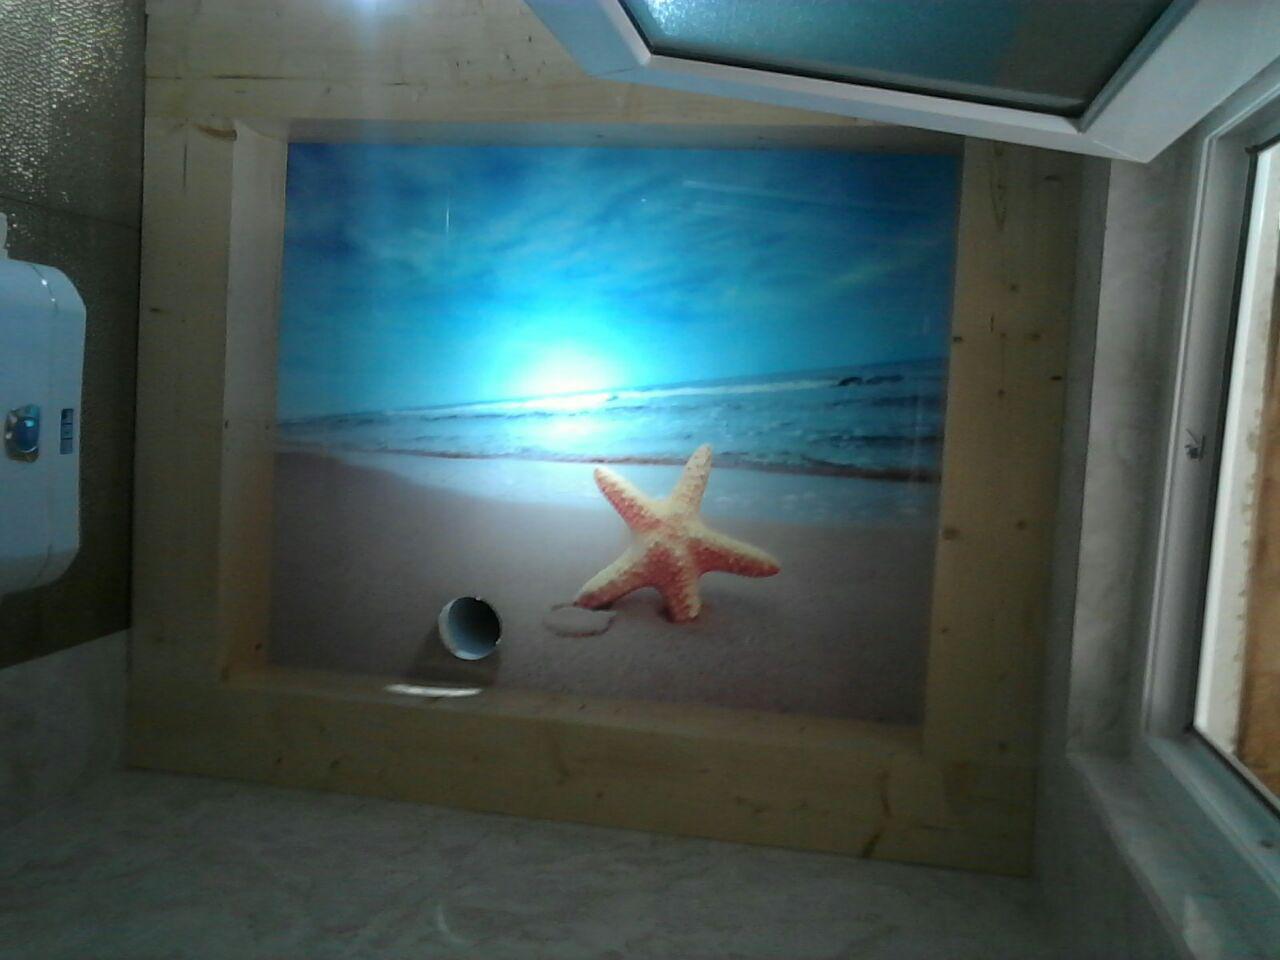 نمونه آسمان مجازی و دکور سرویس بهداشتی و حمام